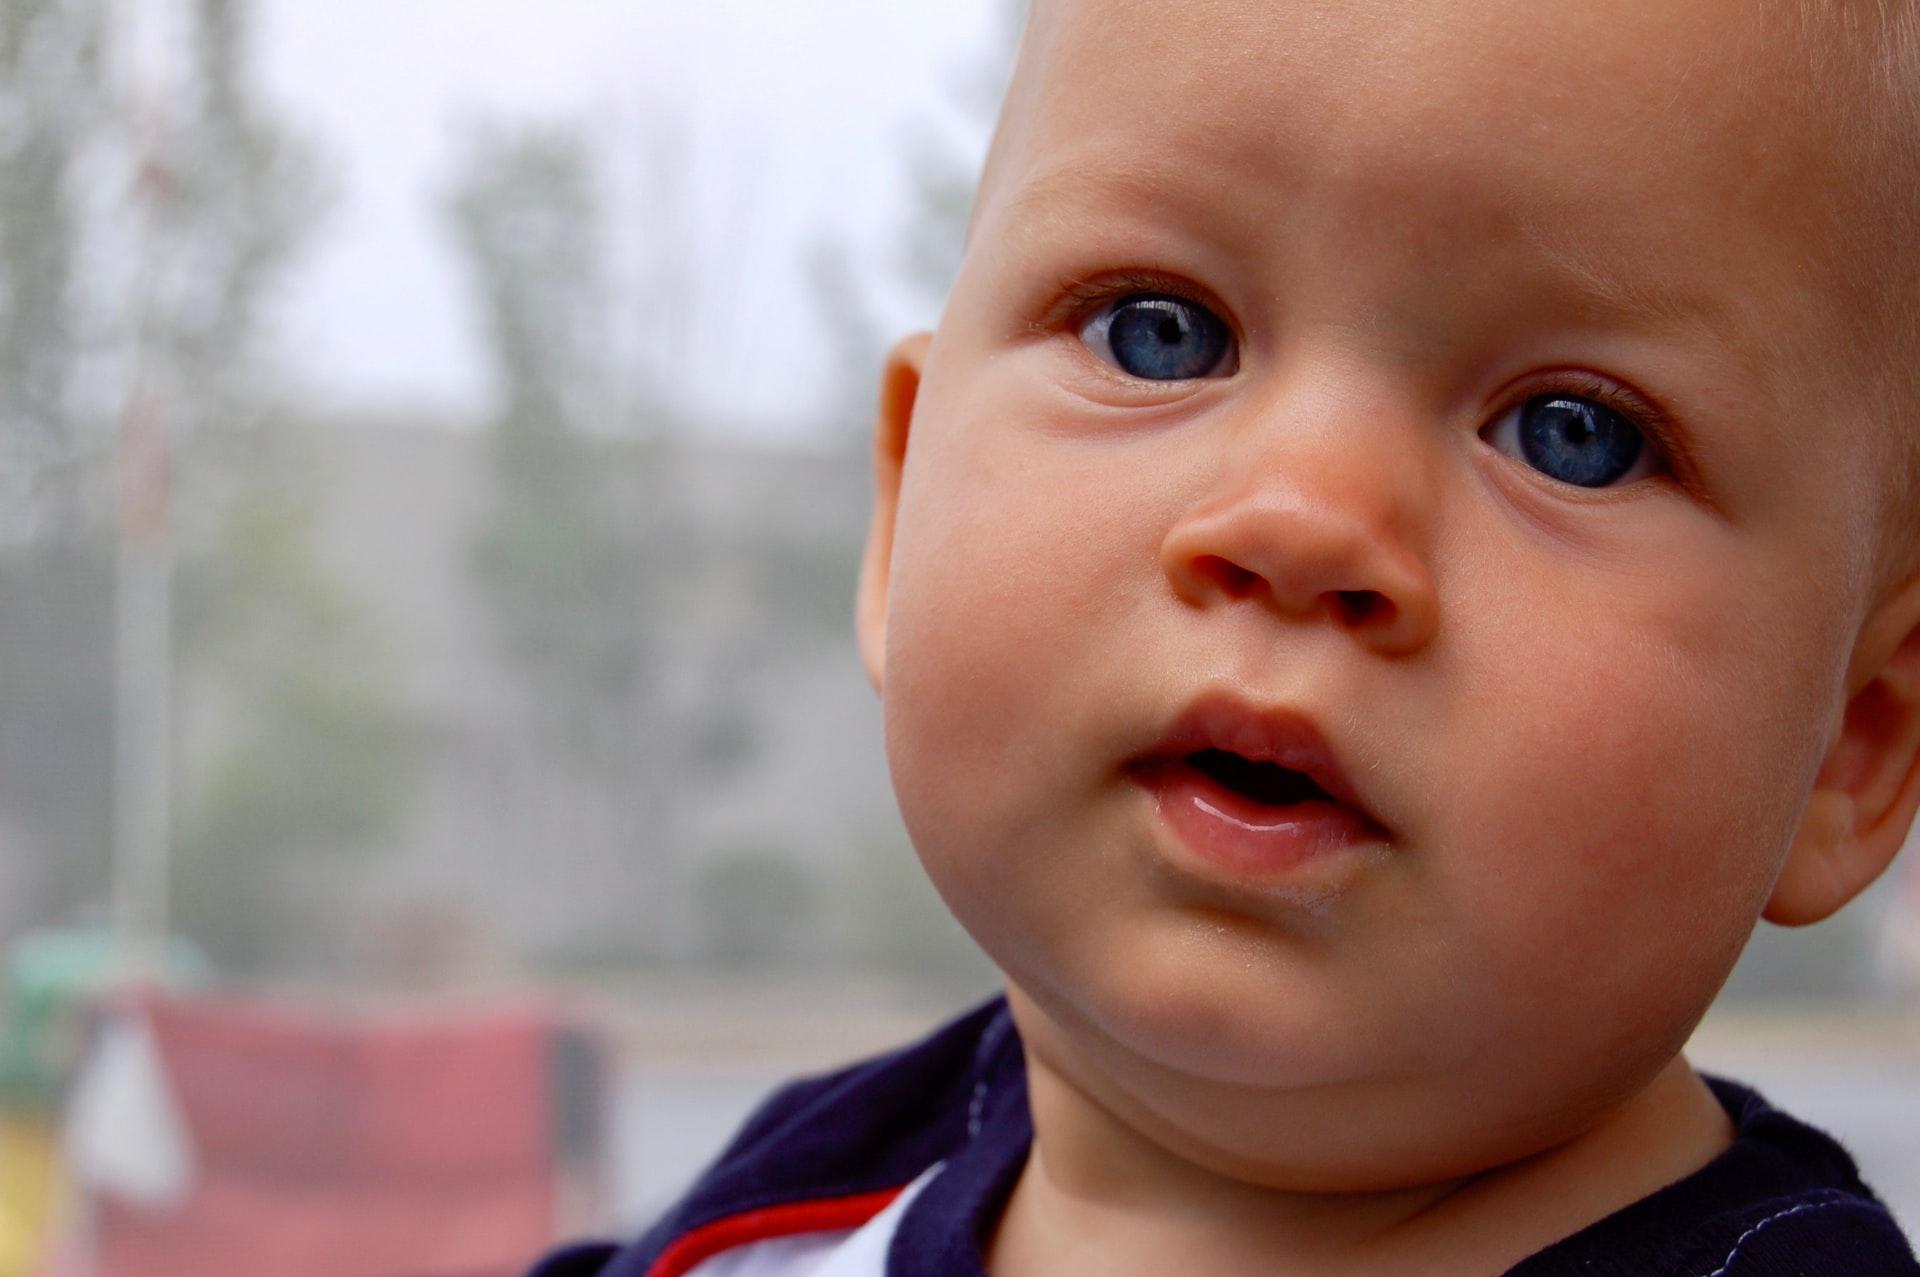 De la cât timp văd Bebelușii dupa ce se nasc